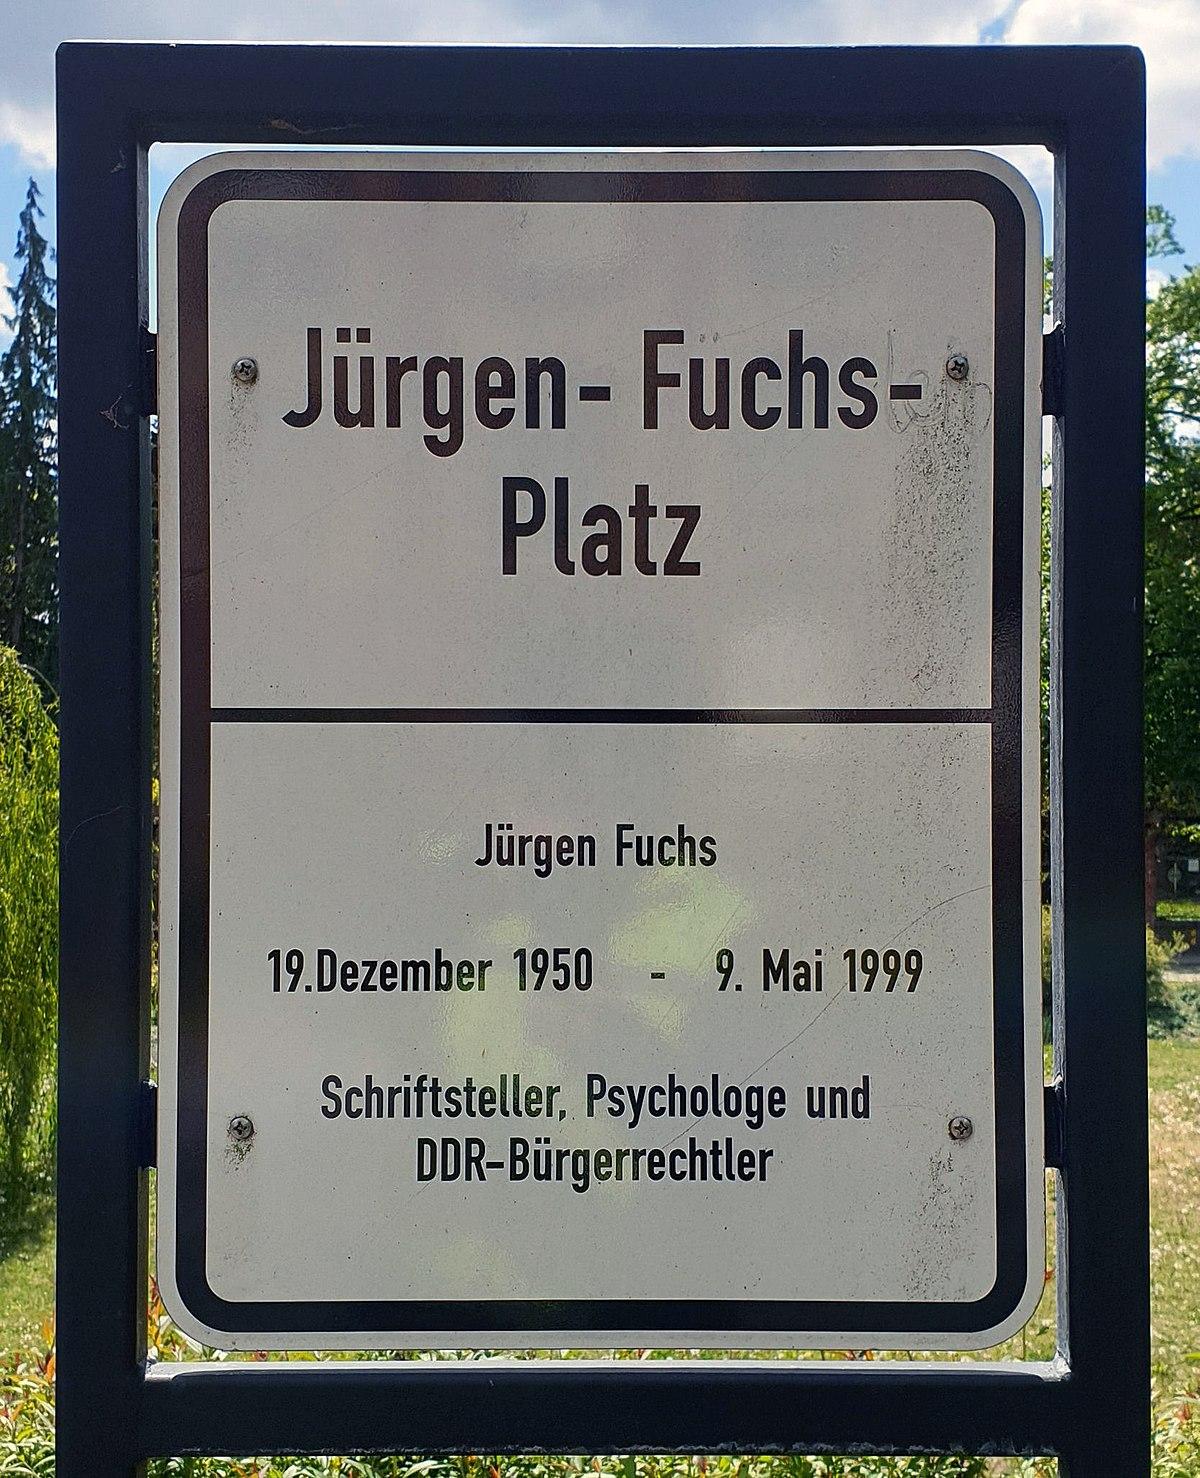 Datei Gedenktafel Jurgen Fuchs Platz Dahlem Jurgen Fuchs Jpg Wikipedia